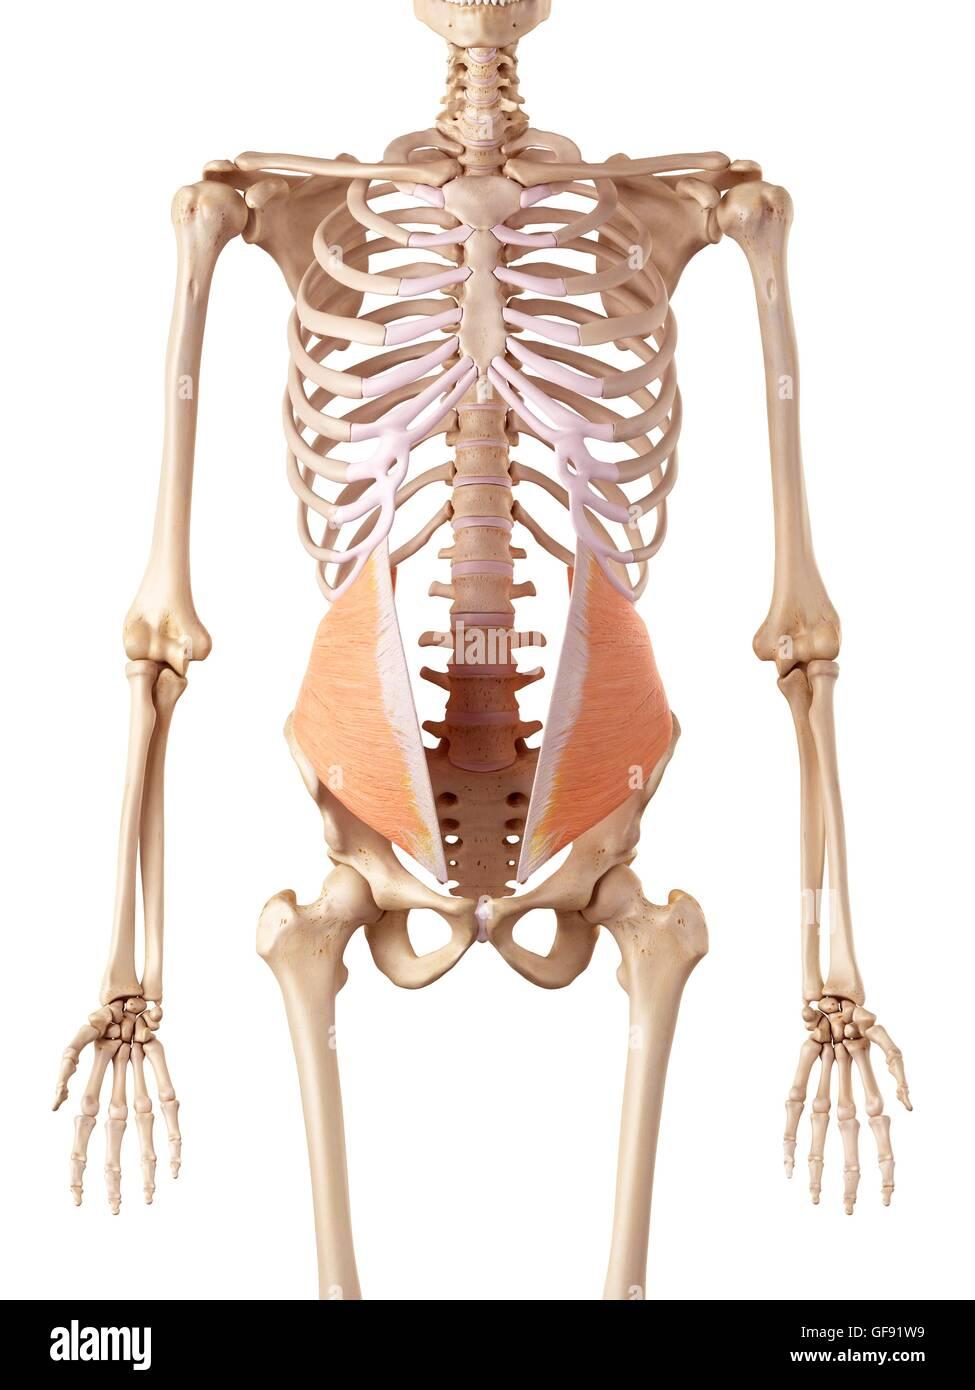 3d Abdomen Abdominal Anatomical Stockfotos & 3d Abdomen Abdominal ...